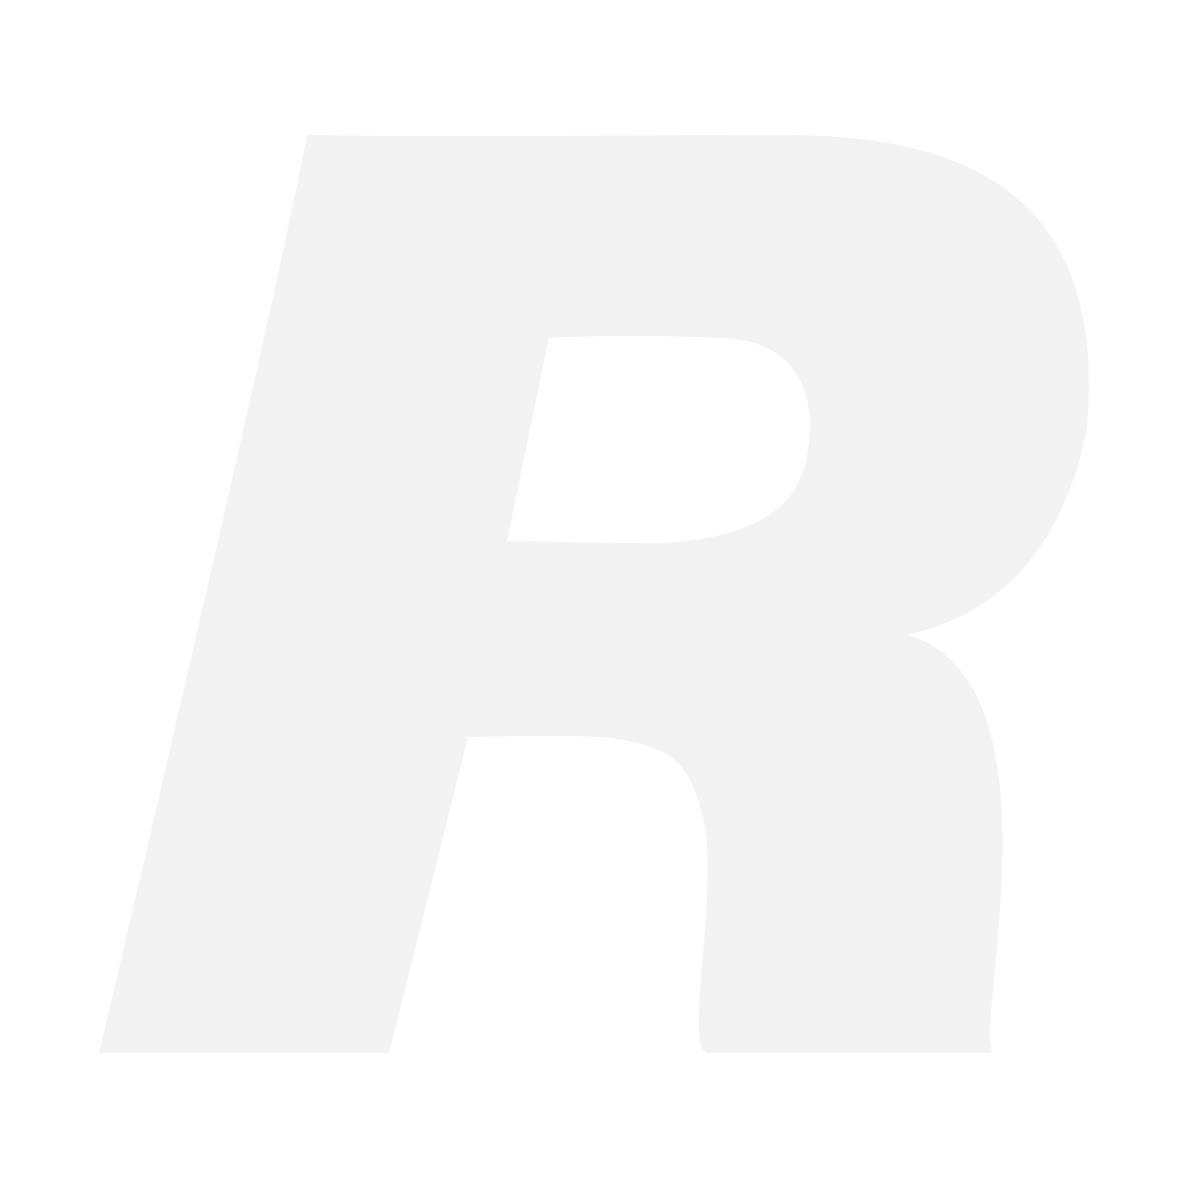 A4 vaaka kuvakirja mustilla aukkokansilla